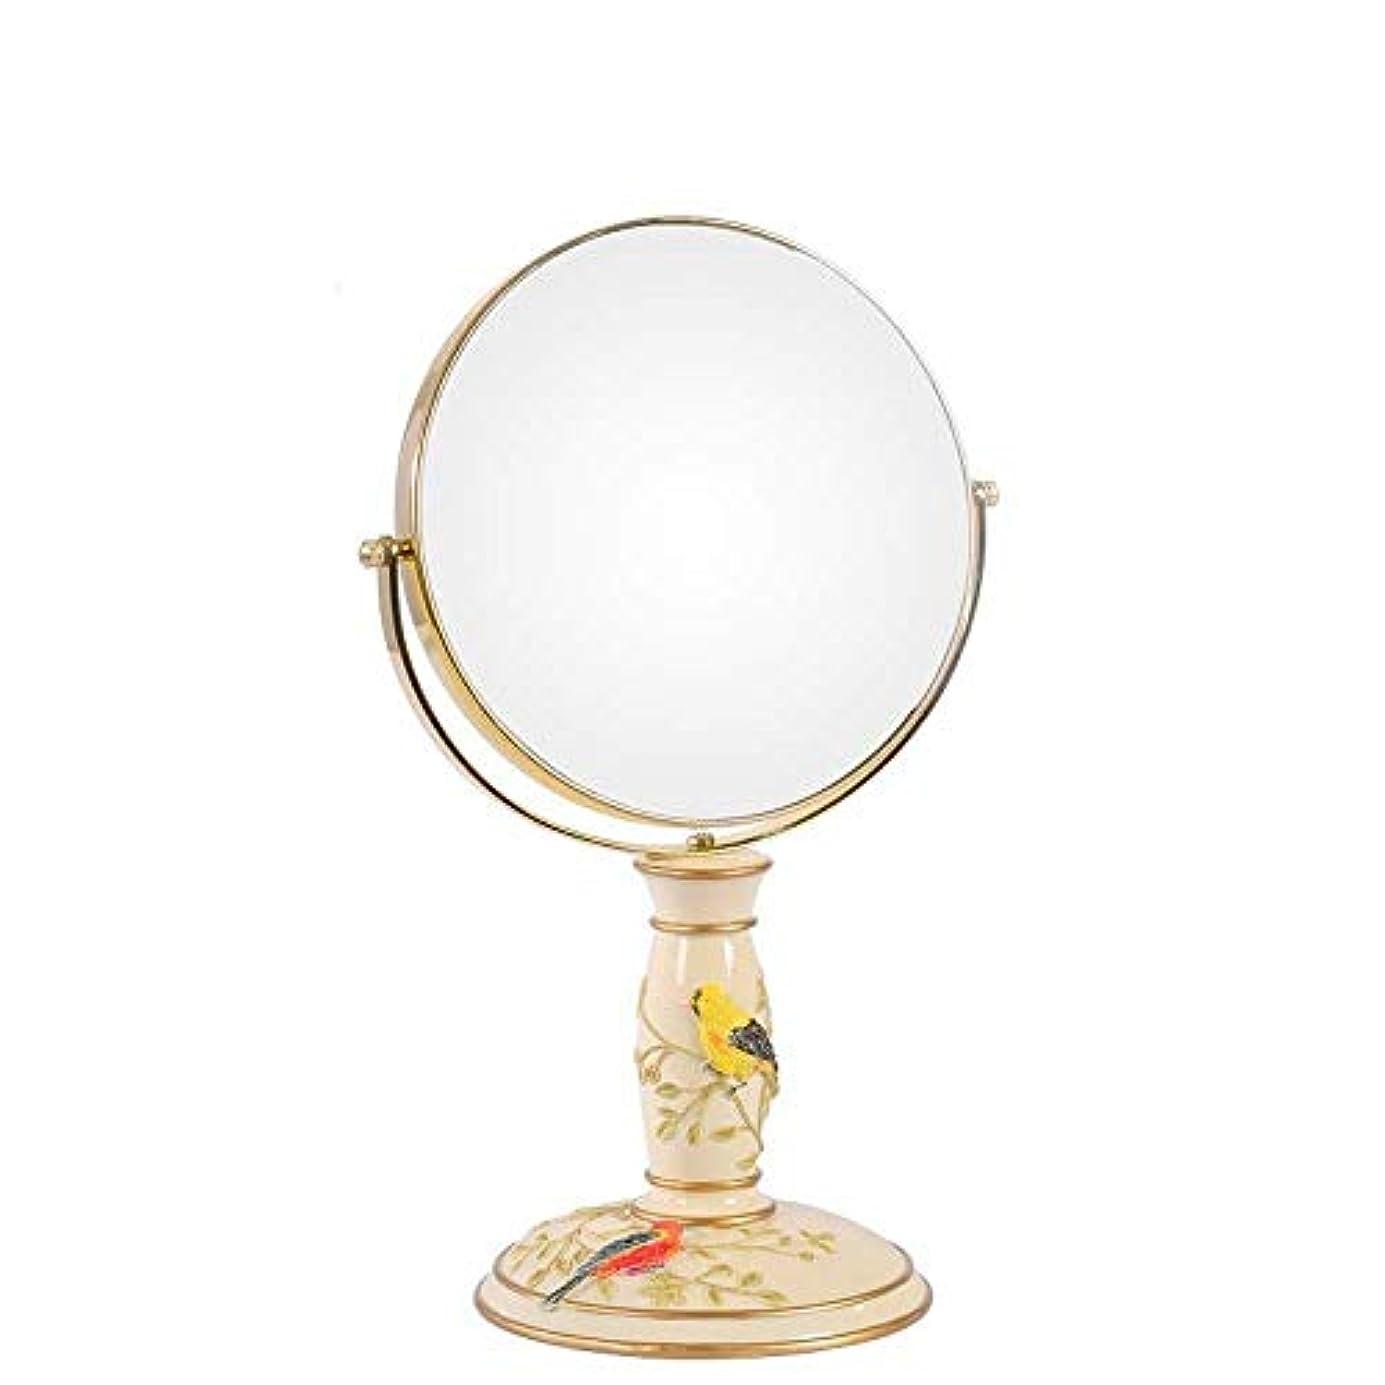 スーパーマーケット信頼できる無意味流行の ビンテージ化粧鏡、鏡360°回転スタンド、倍率1倍、3倍、ラウンドダブル両面回転化粧鏡